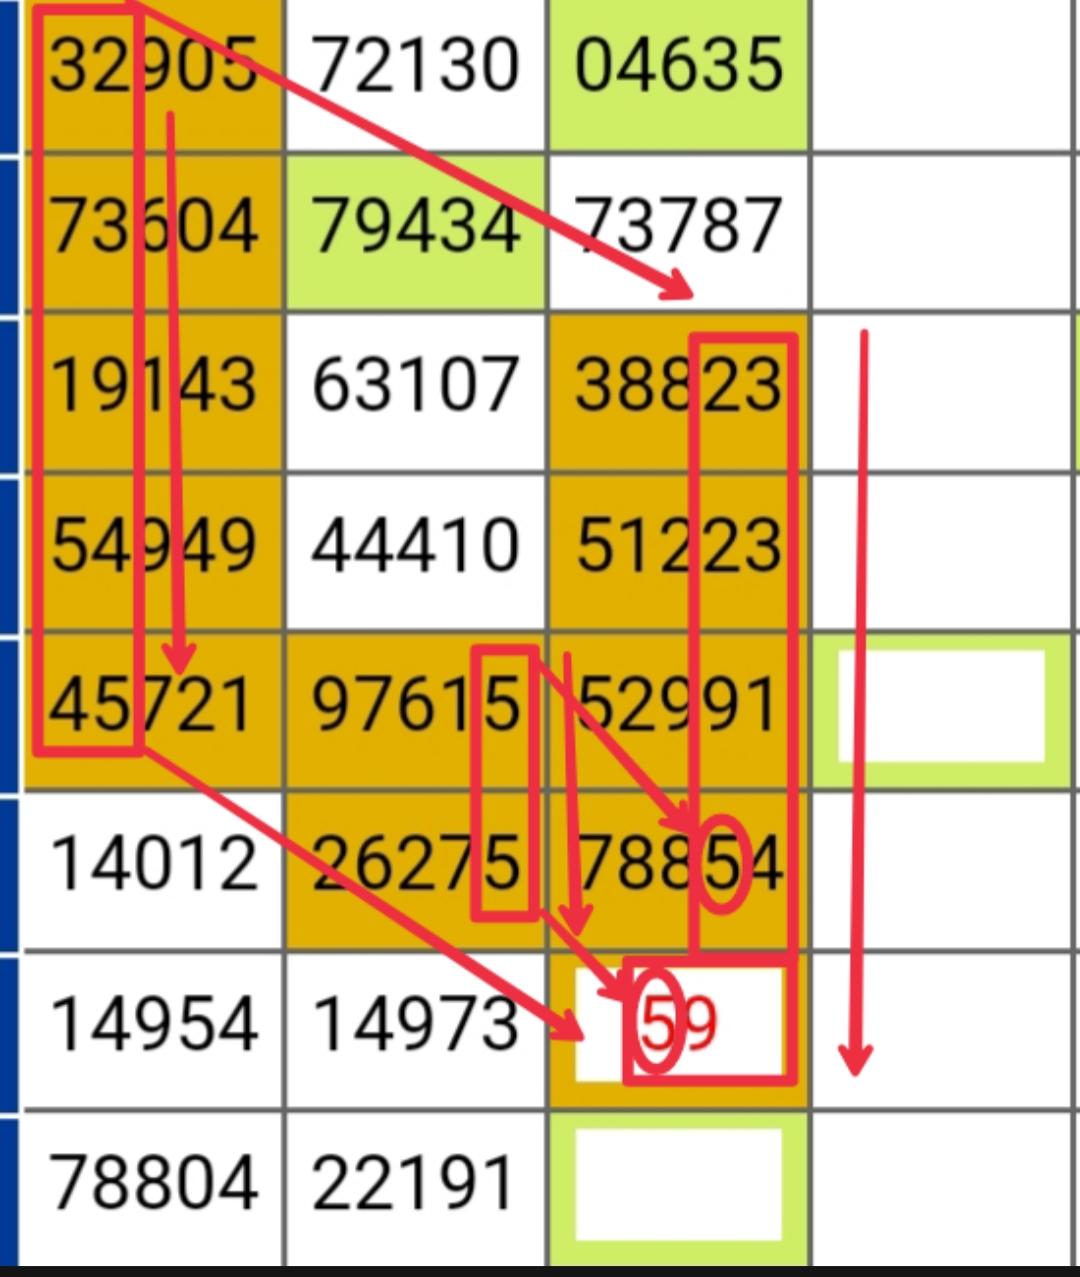 20200306_194126.jpg